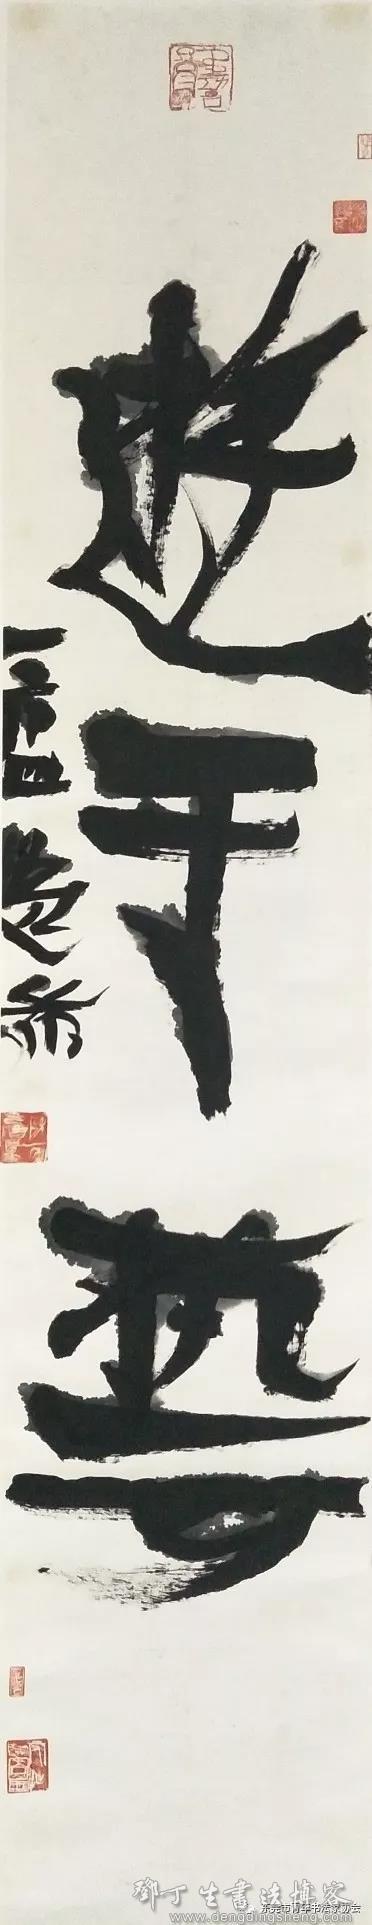 著名书法篆刻家陈国斌贺作.jpg